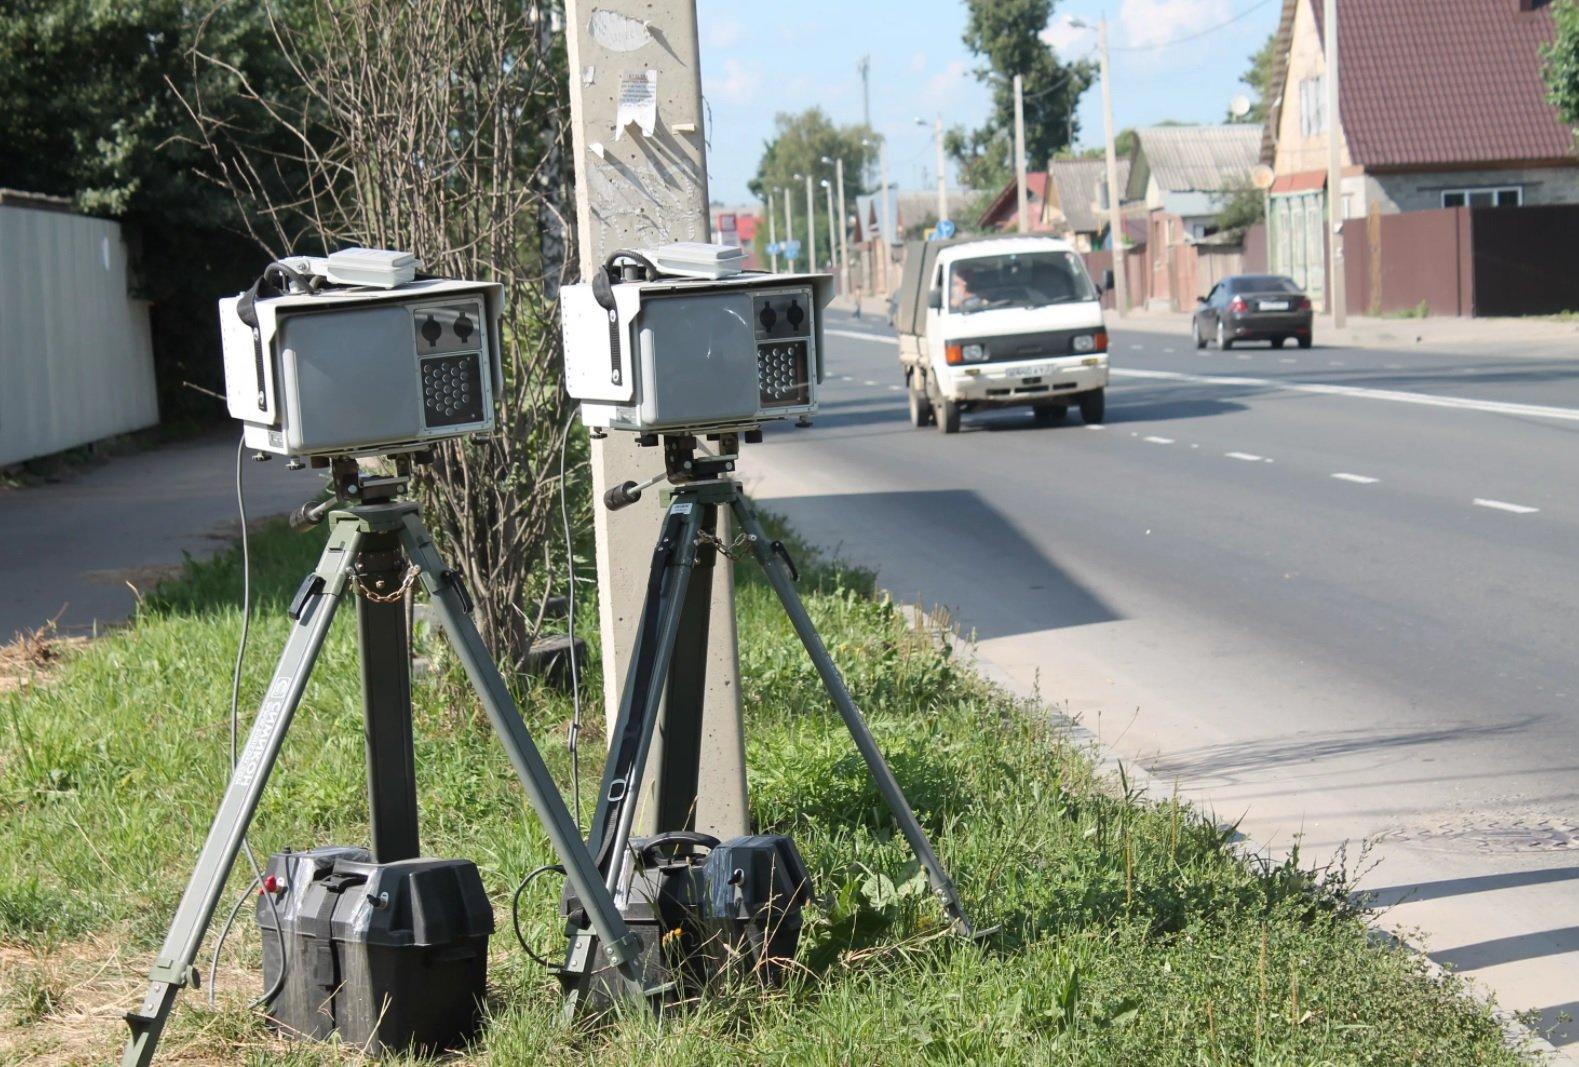 Штрафы с камер можно будет обжаловать через Госуслуги, но есть нюанс